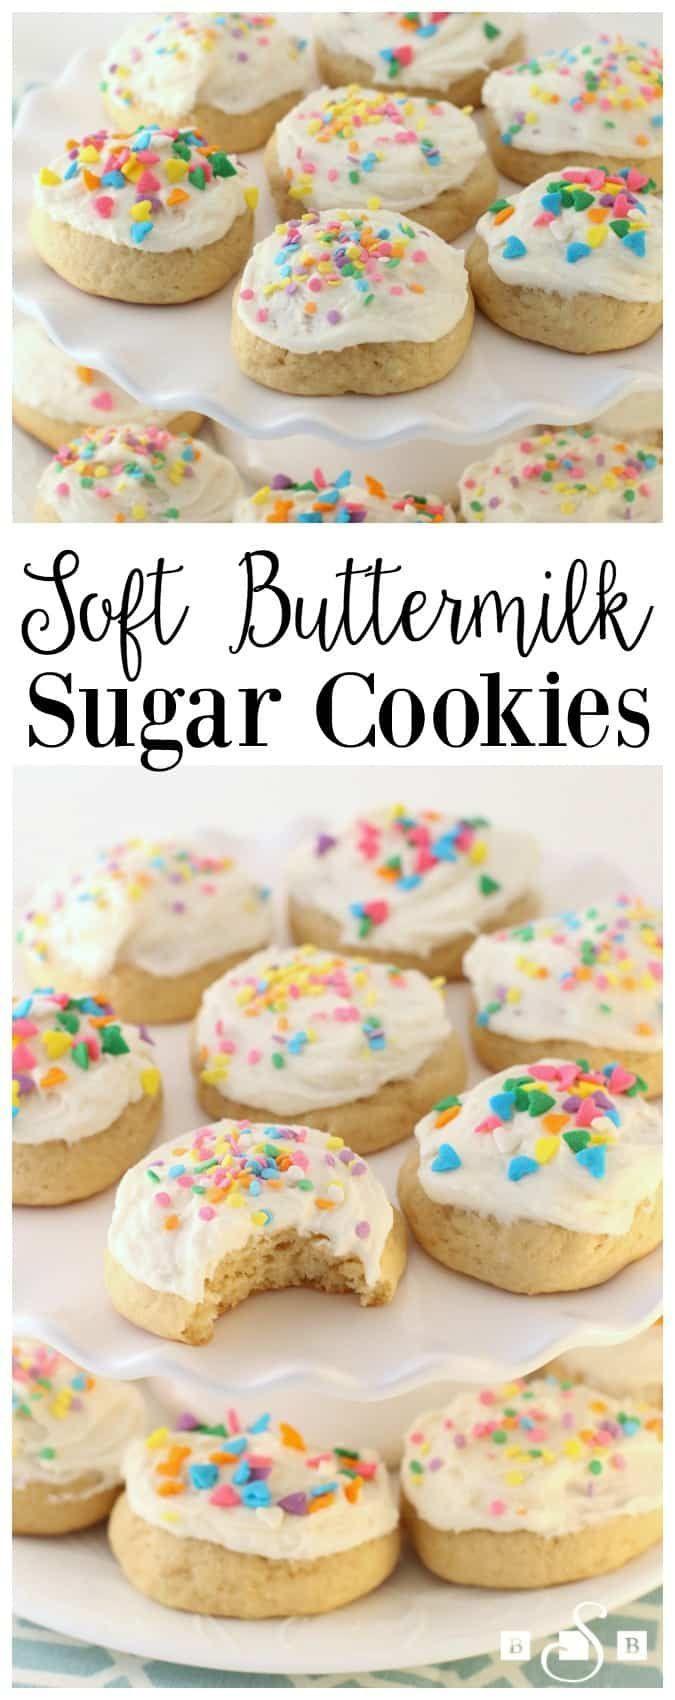 Soft Buttermilk Sugar Cookies Cookies Sugarcookies Baking Sugar Cookies Recipe Buttermilk Recipes Yummy Cookies